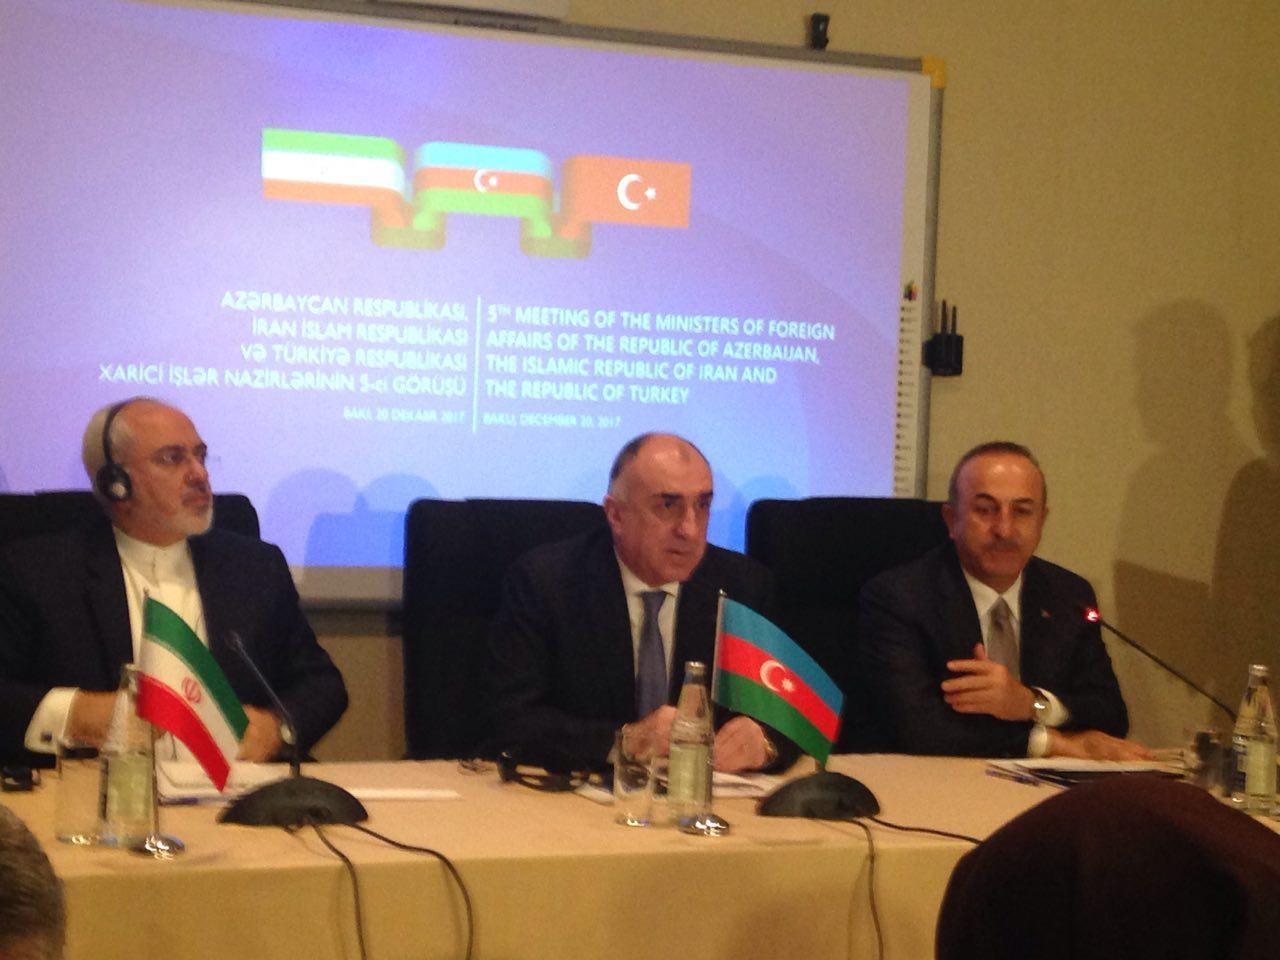 بیانیه پایانی نشست وزرای امور خارجه ایران، ترکیه و آذربایجان